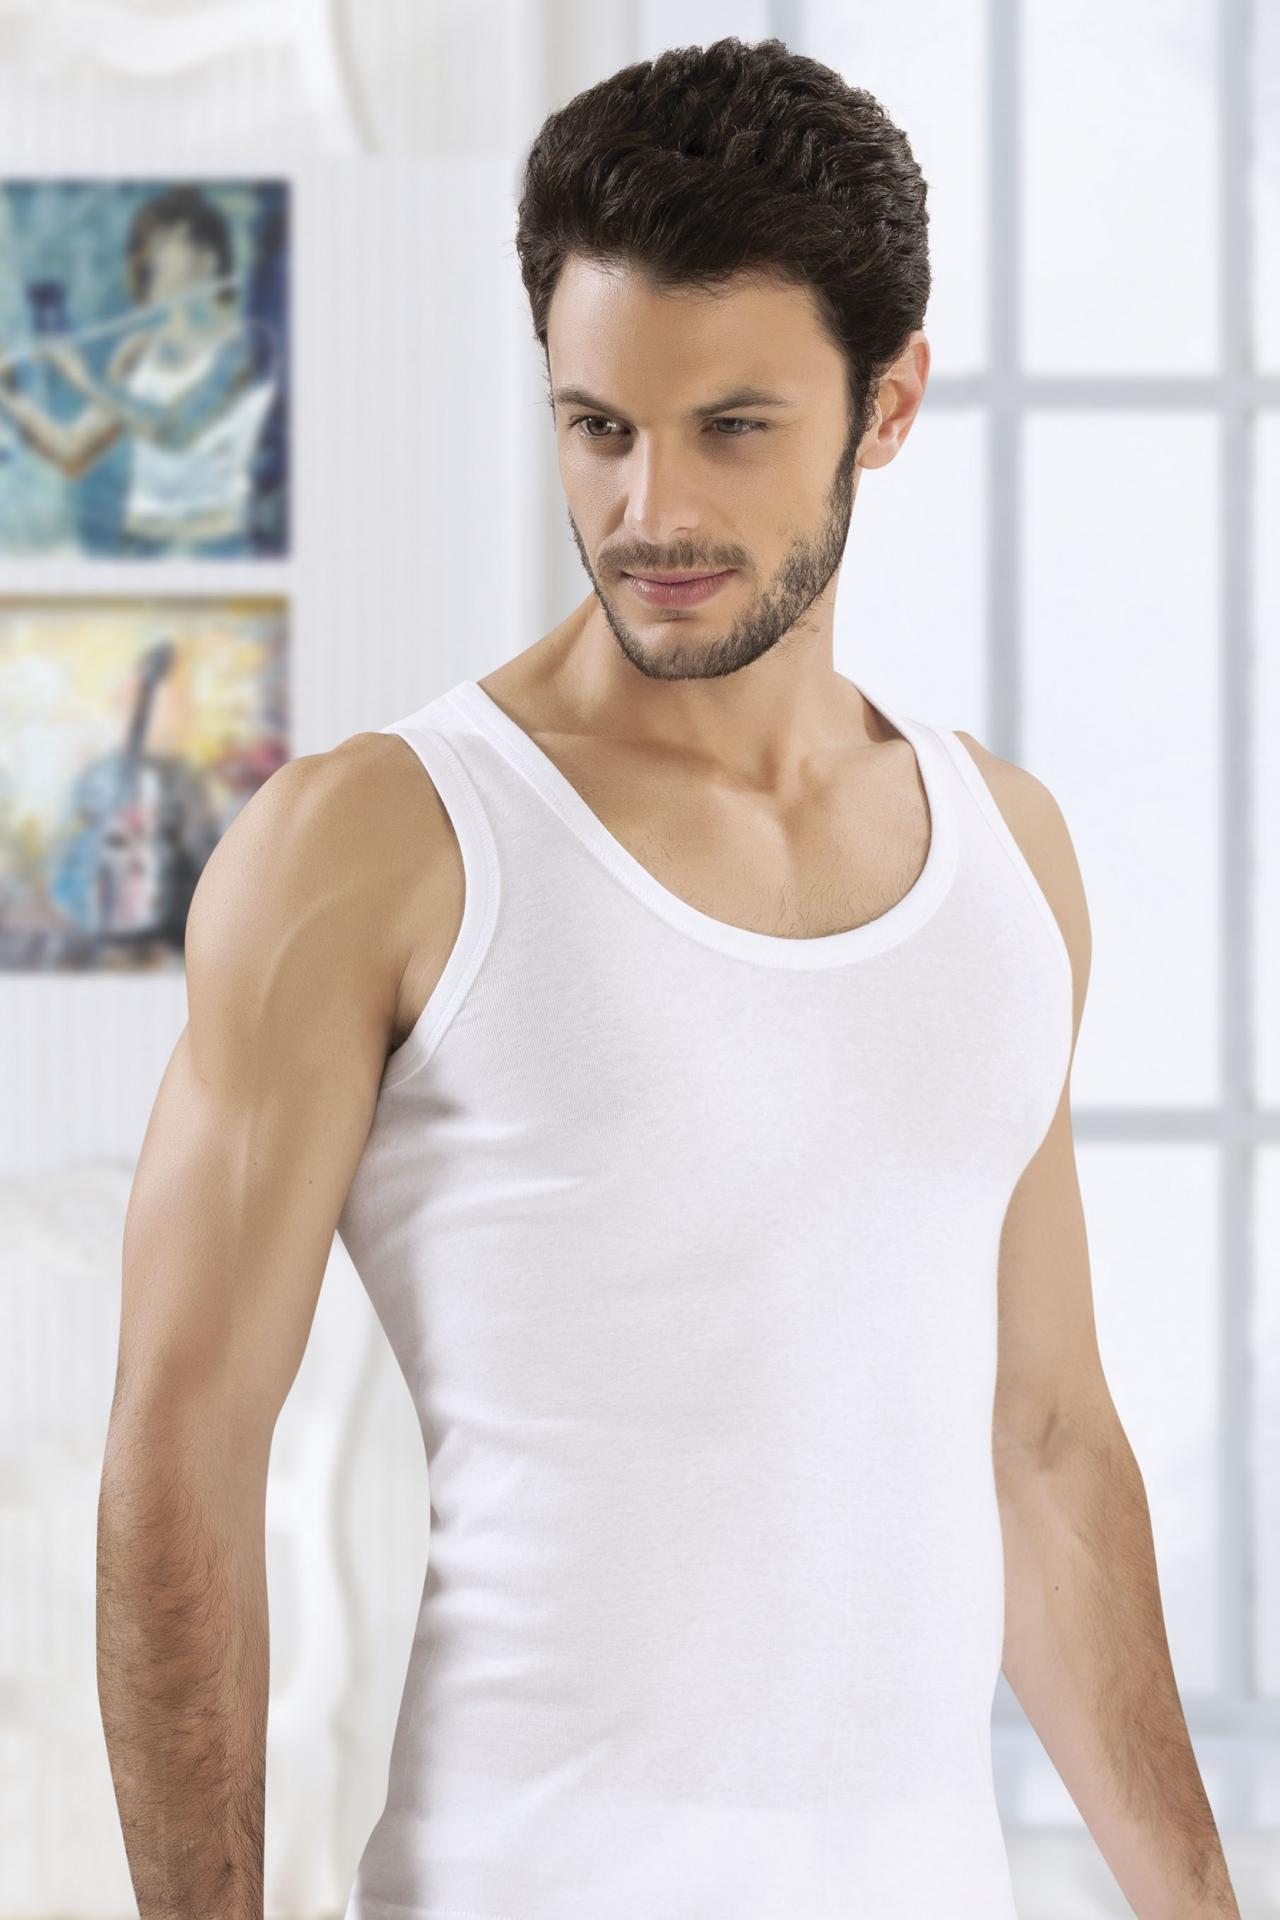 صورة افضل ملابس داخلية رجالية , انواع الملابس الداخلية الرجالى